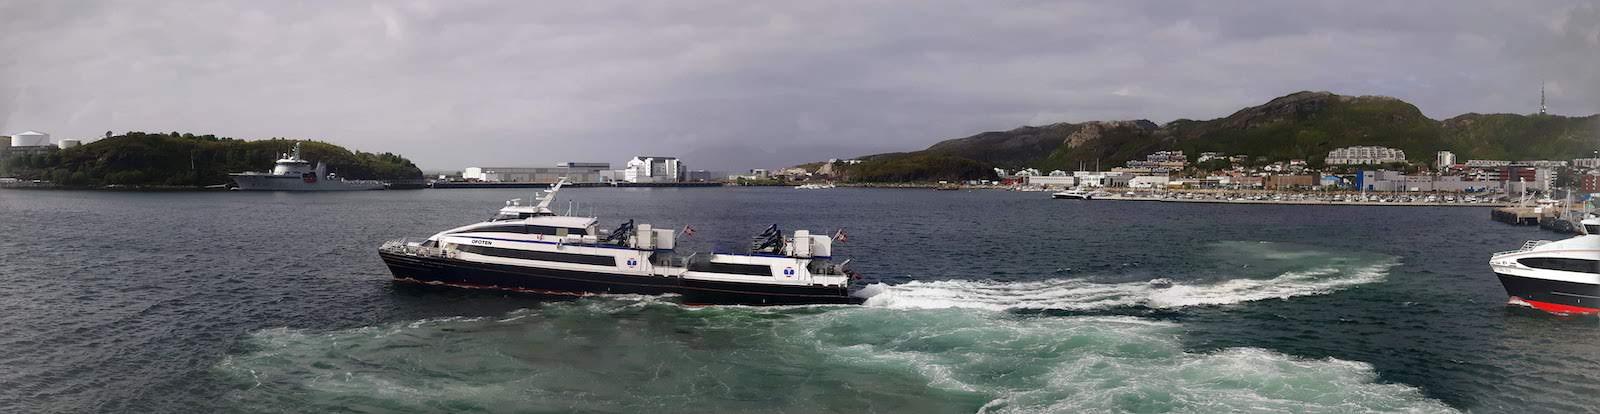 Boats Bodo Norway